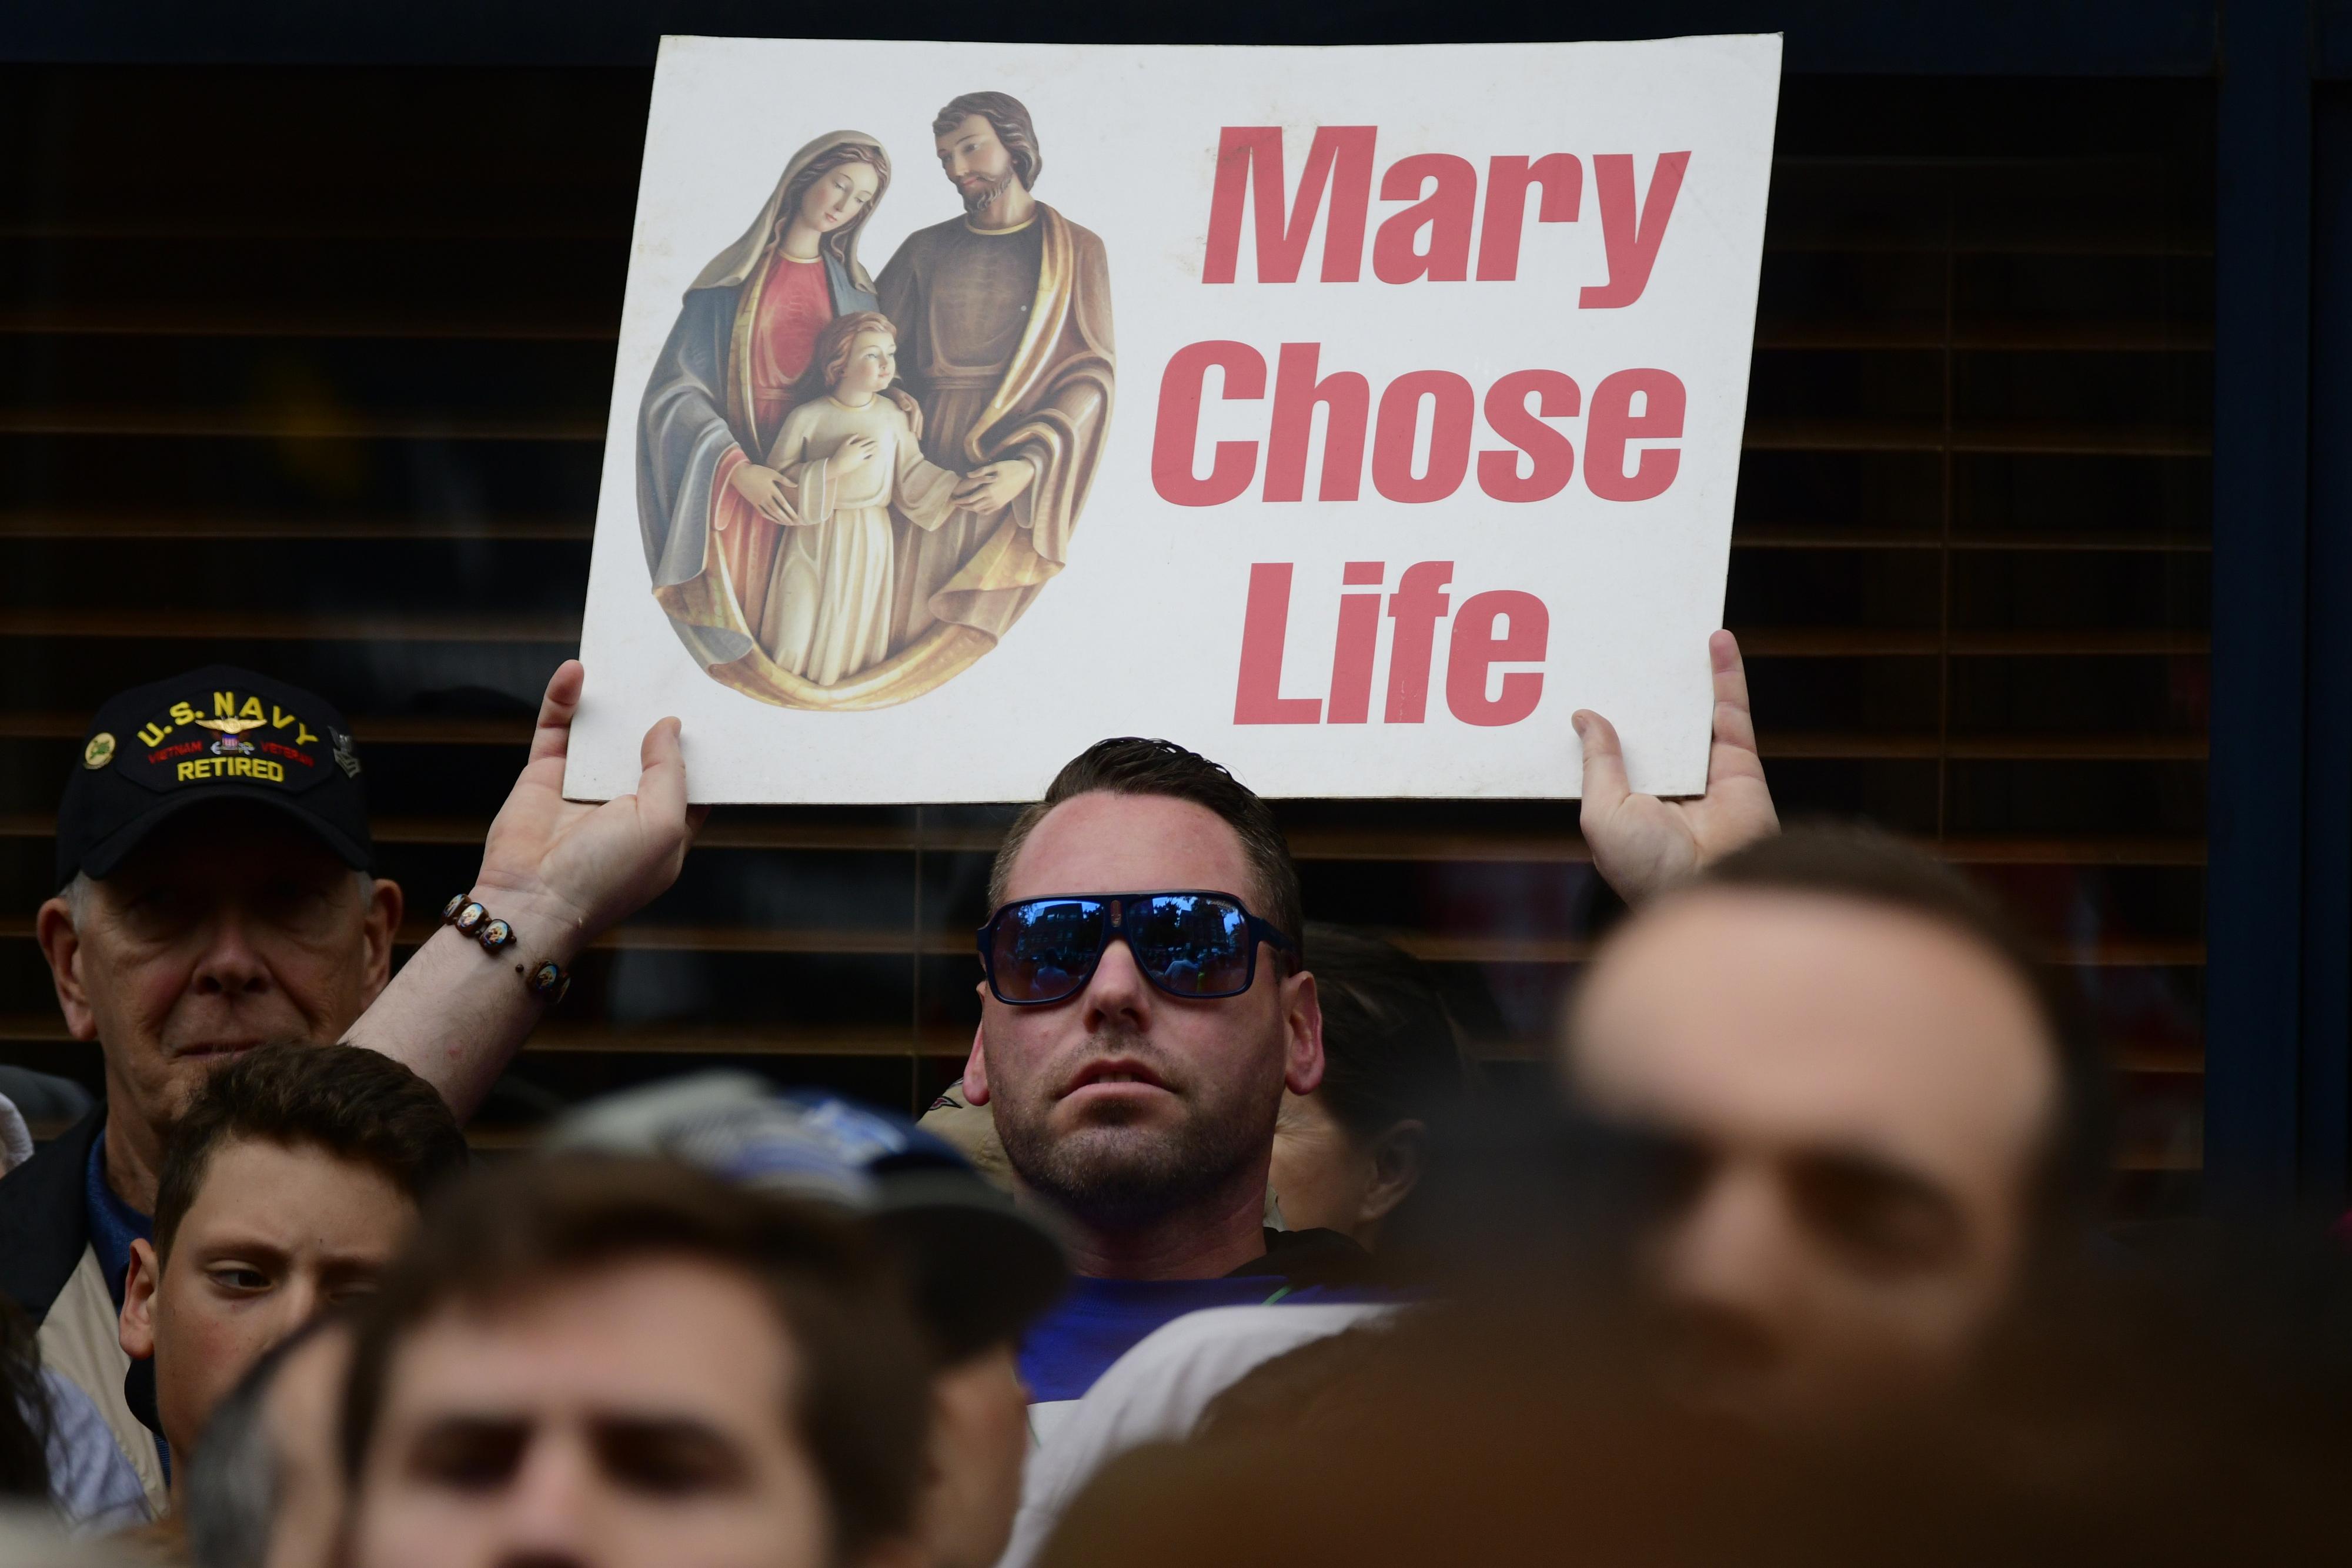 Missouri államban is szinte teljesen betiltanák az abortuszt